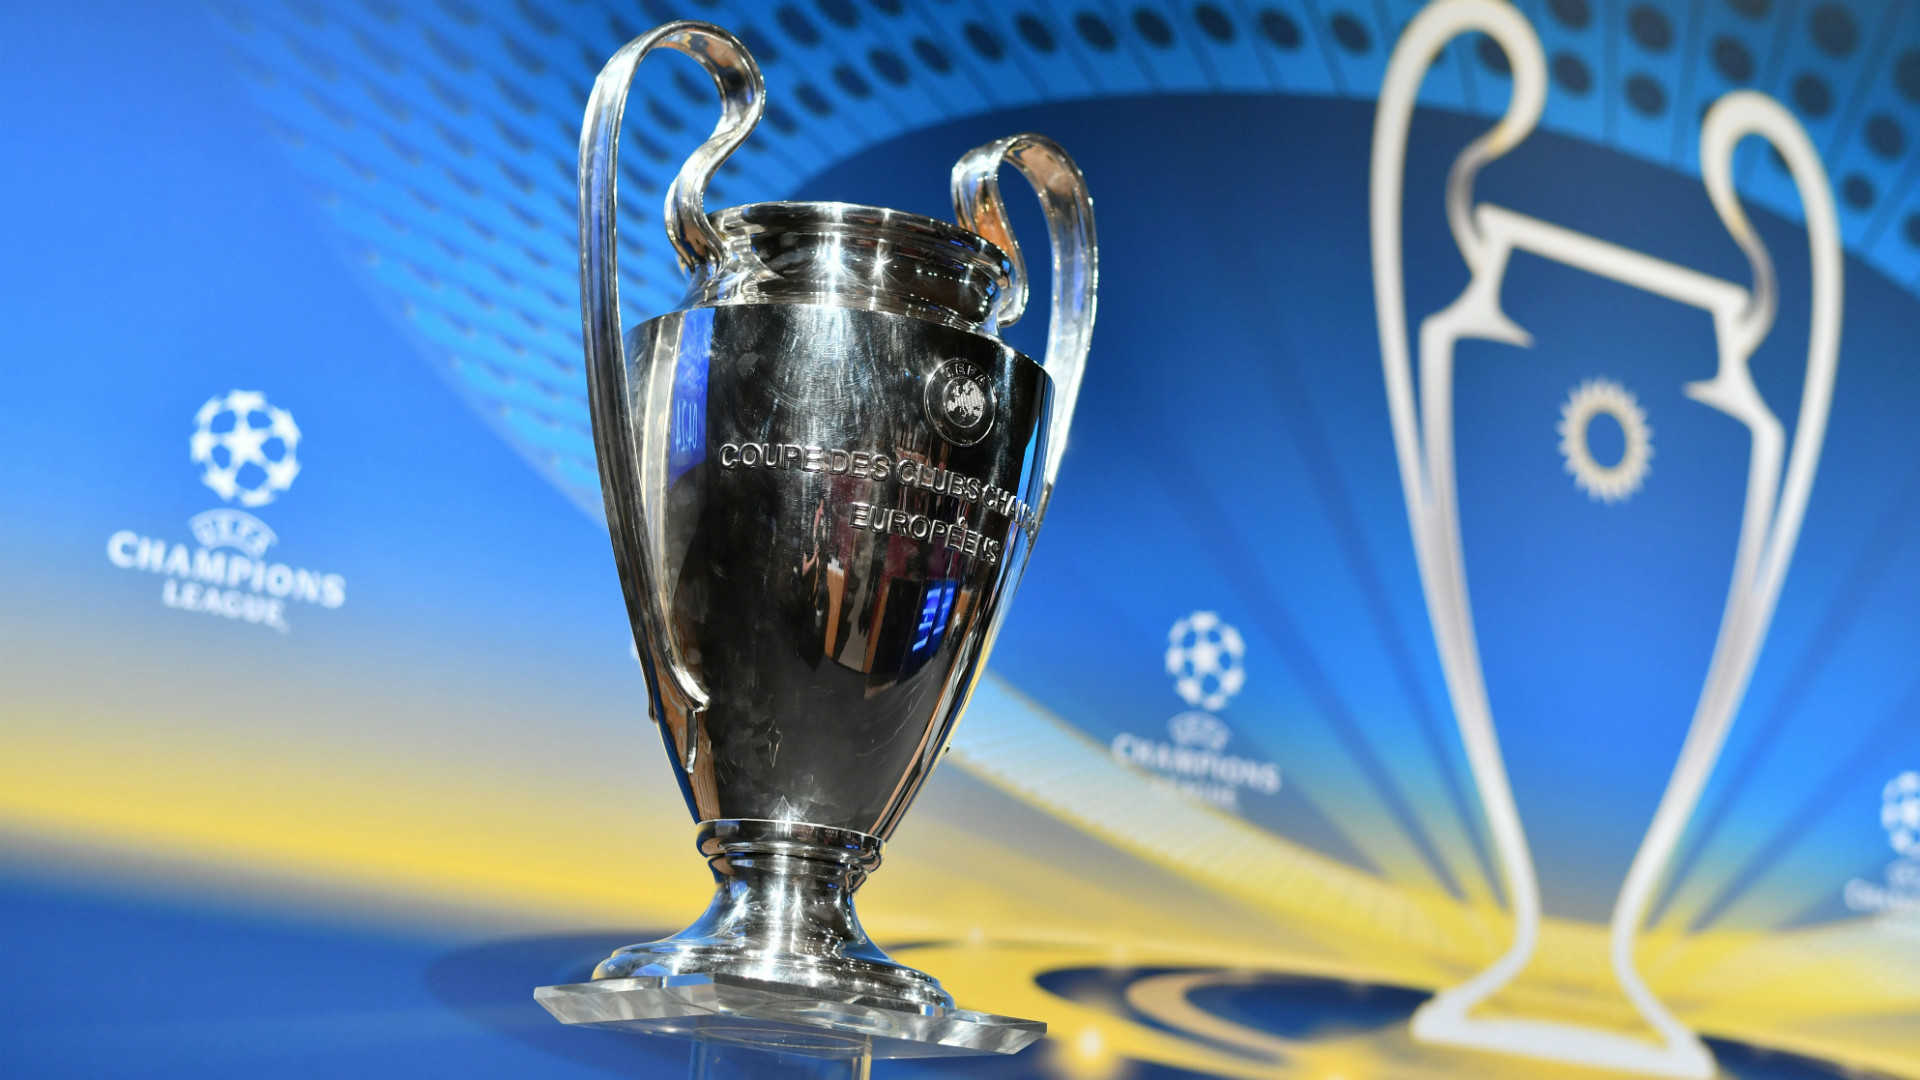 Bên cạnh Champions League và Europa League sẽ có giải đấu châu Âu thứ ba